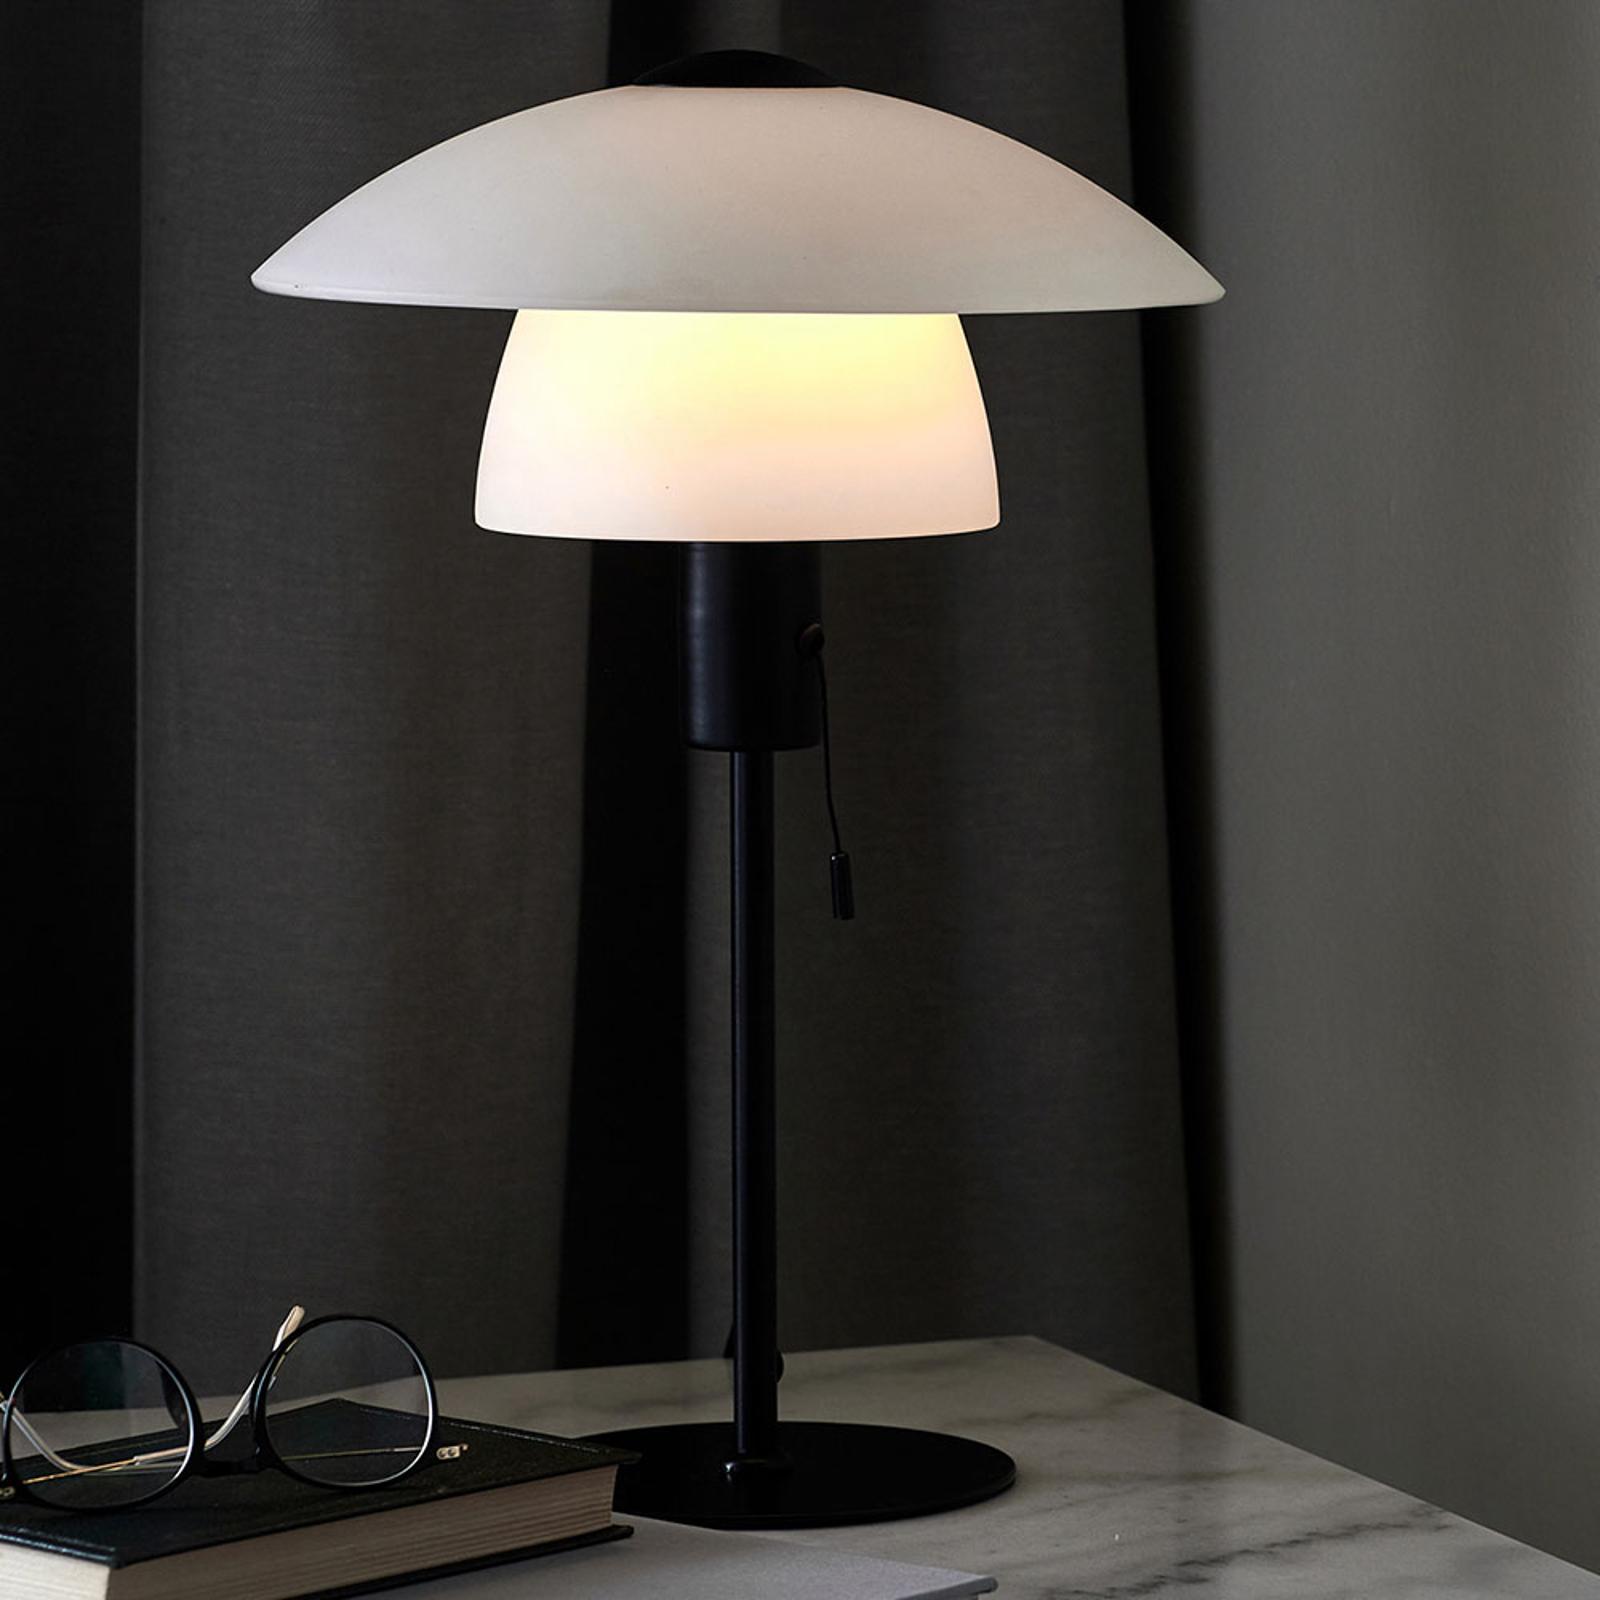 Lampe à poser Verona, blanche et noire